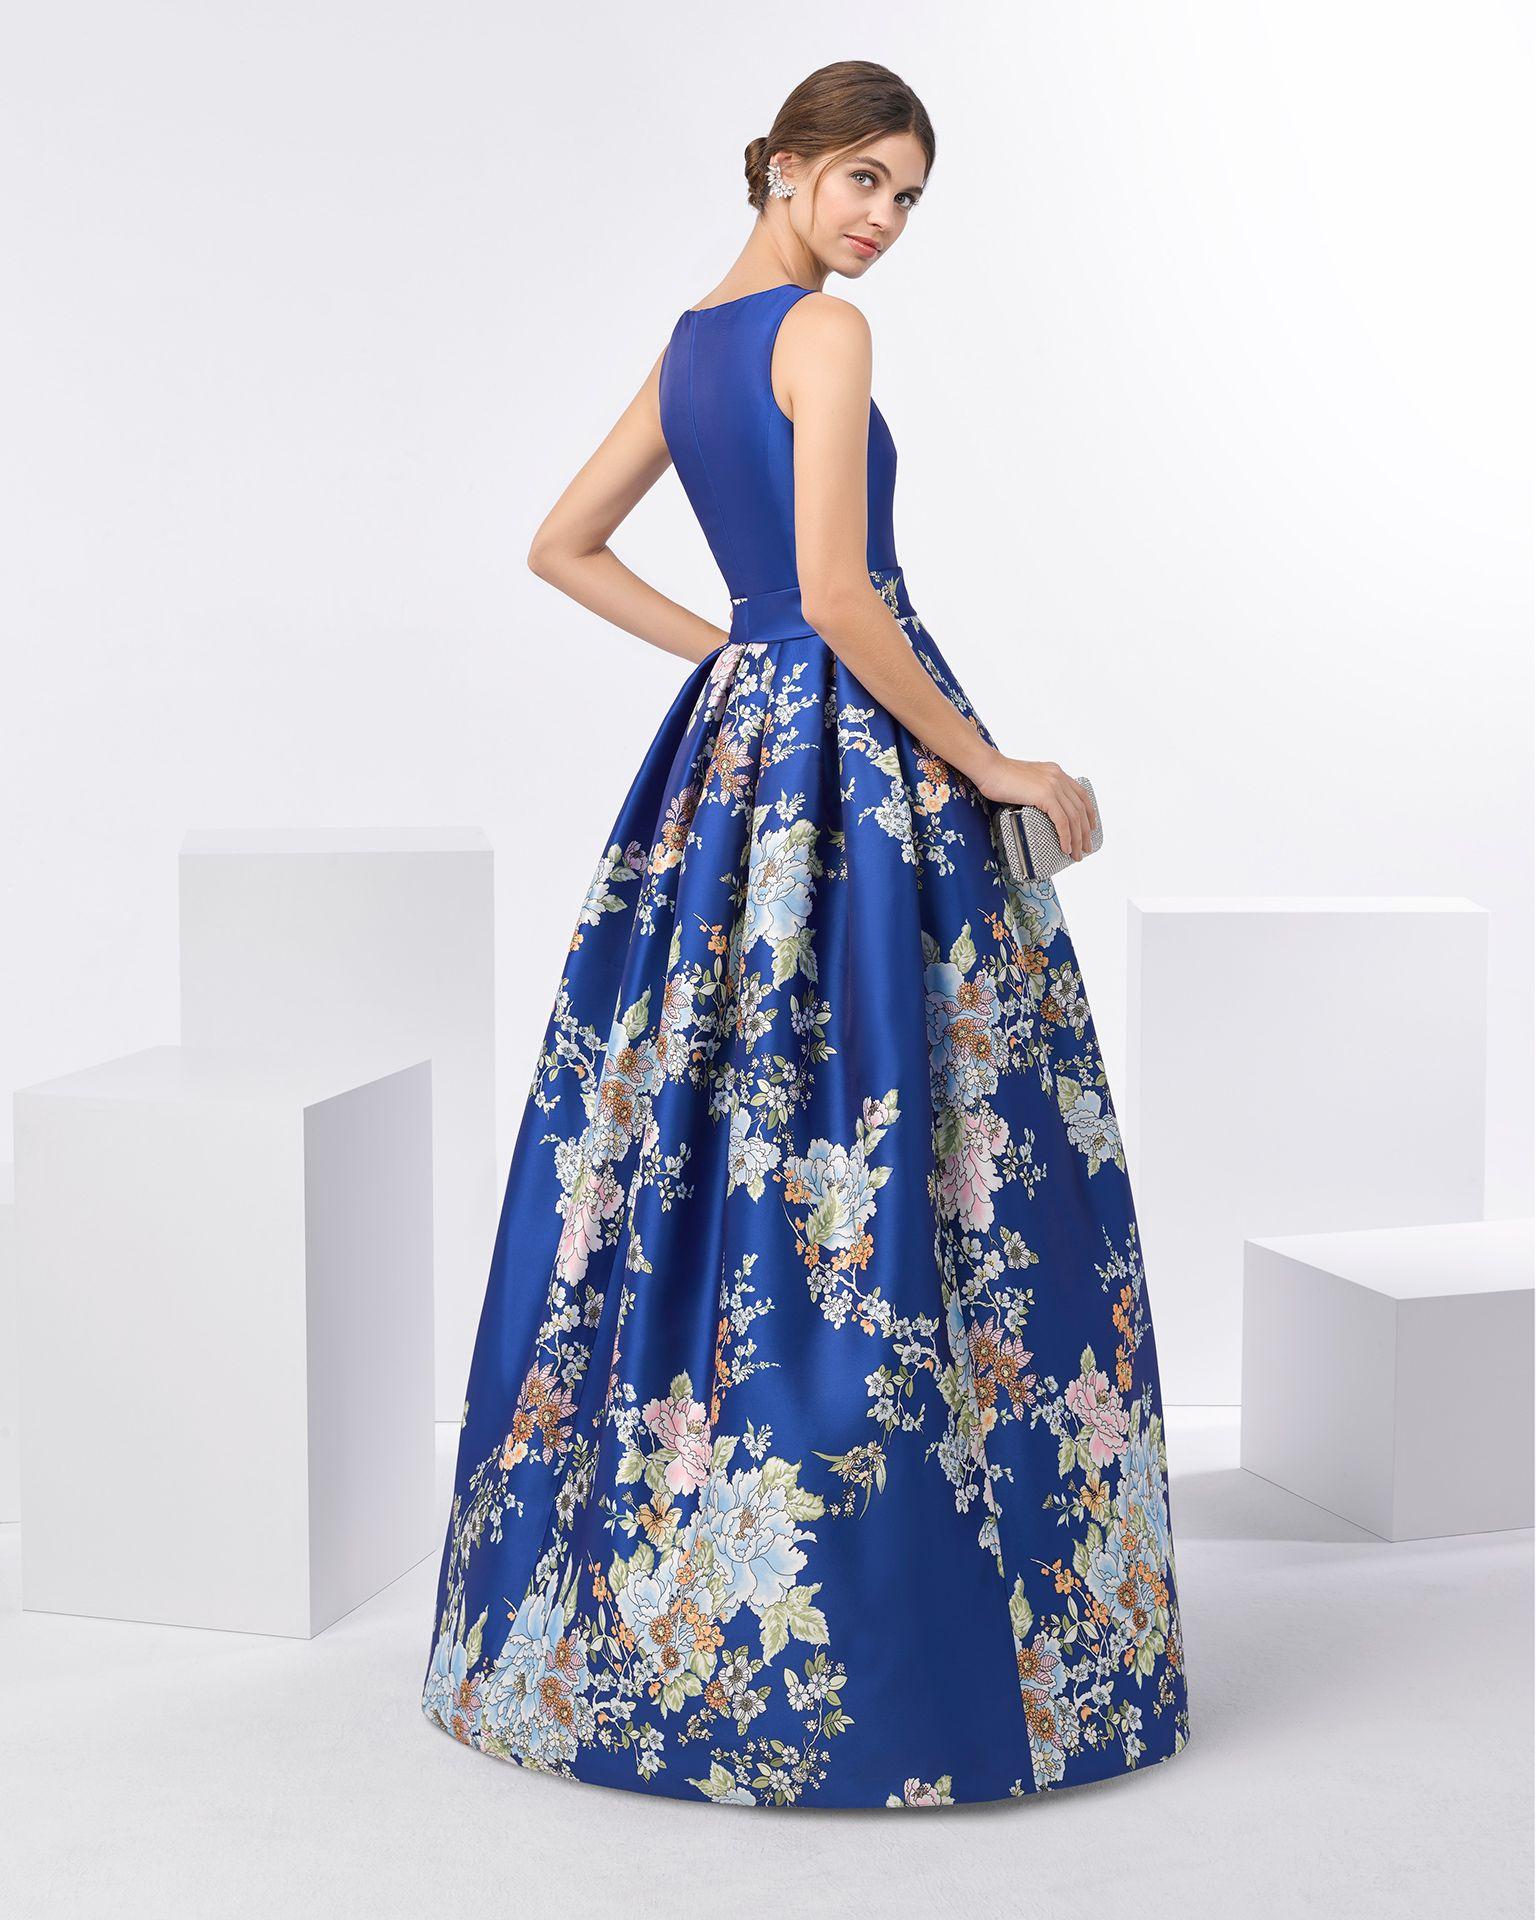 Vestido de fiesta mikado estampado con escote barco. Disponible en color  cobalto y azul. Colección FIESTA AIRE BARCELONA 2018. 831850122c28